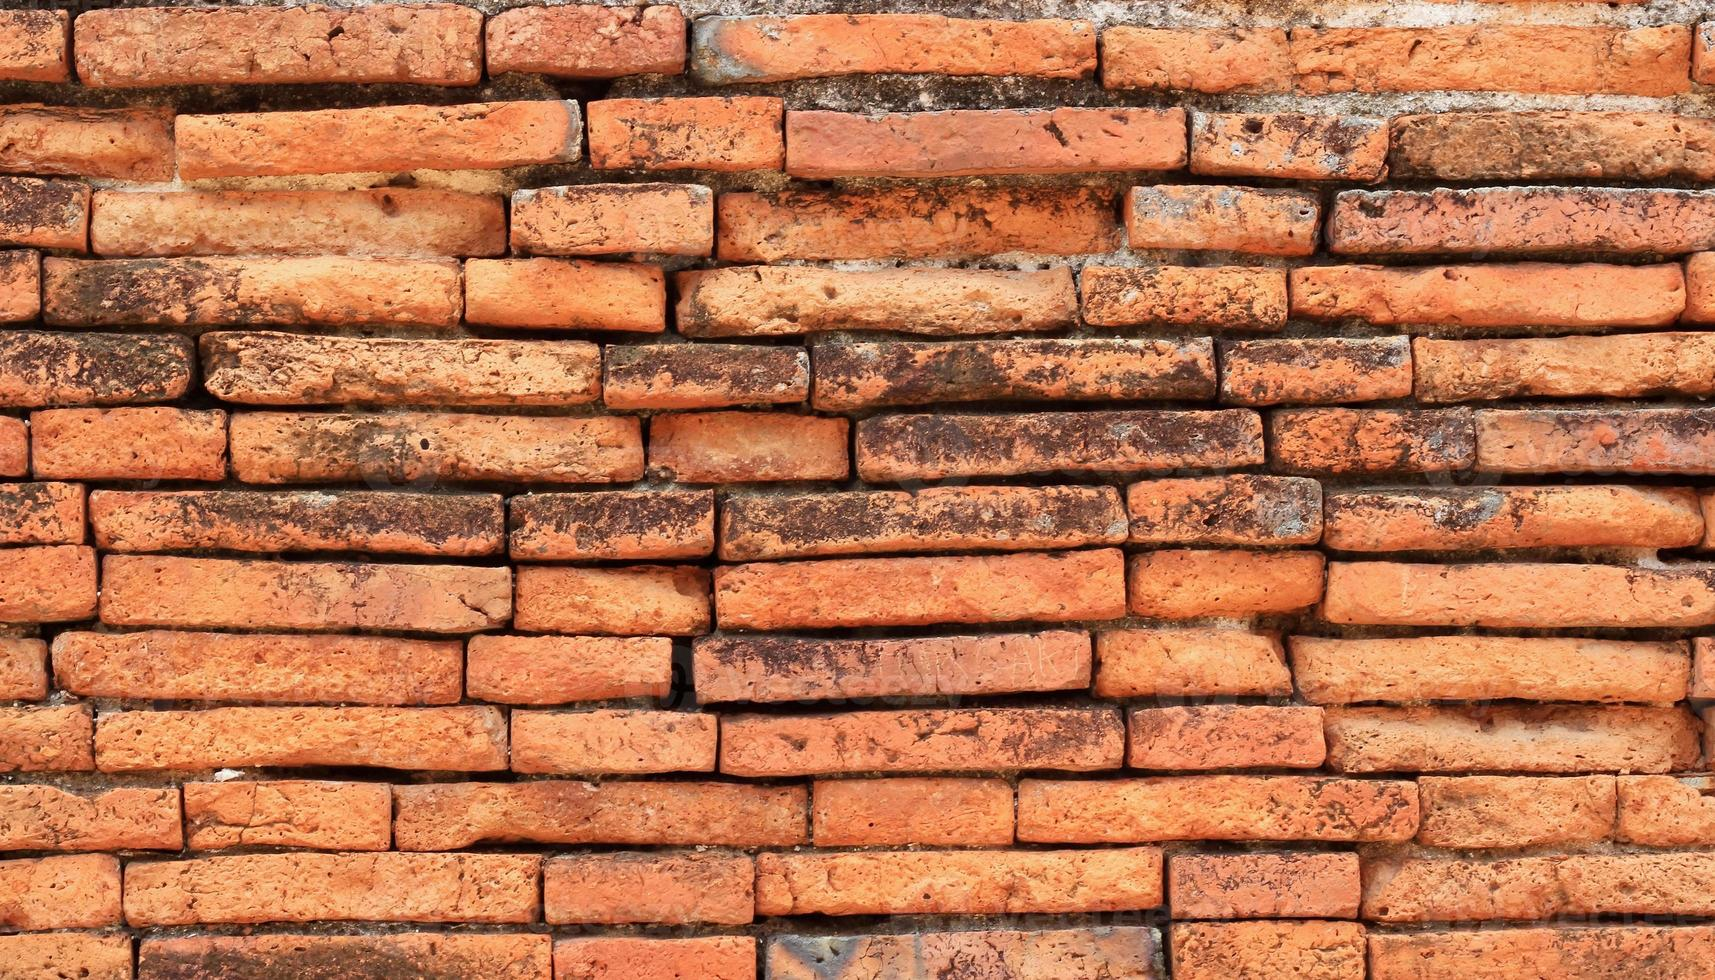 Fondo de textura de pared de ladrillo rojo antiguo foto